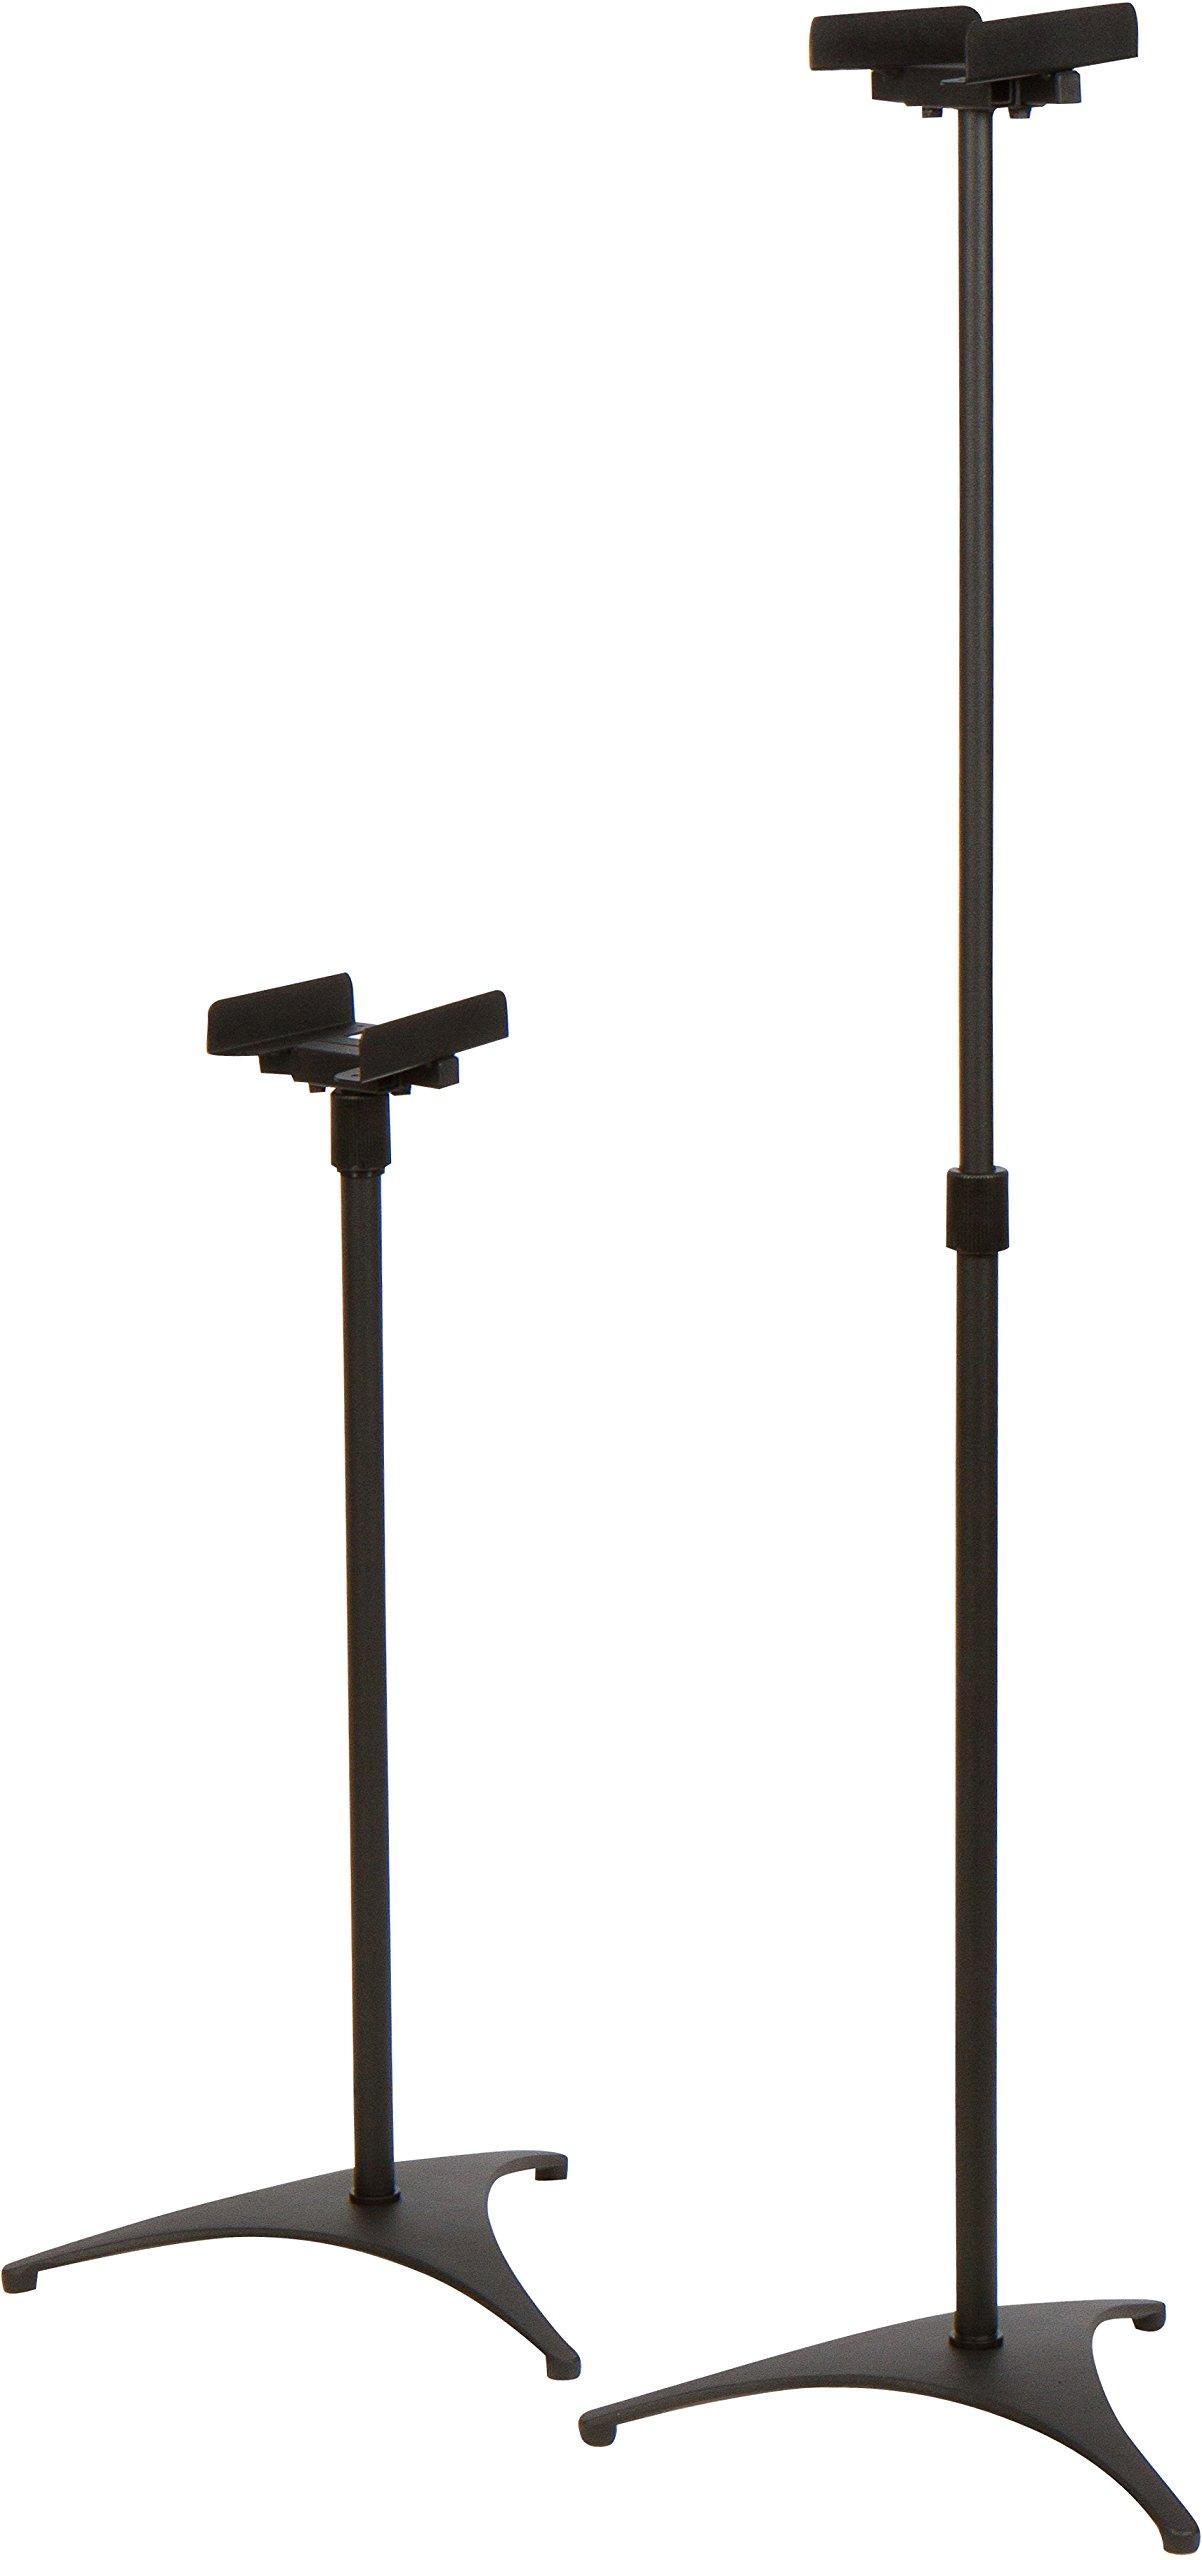 Trademark Innovations Adjustable Speaker Stands for Surround Sound (Set of 2) by Trademark Innovations